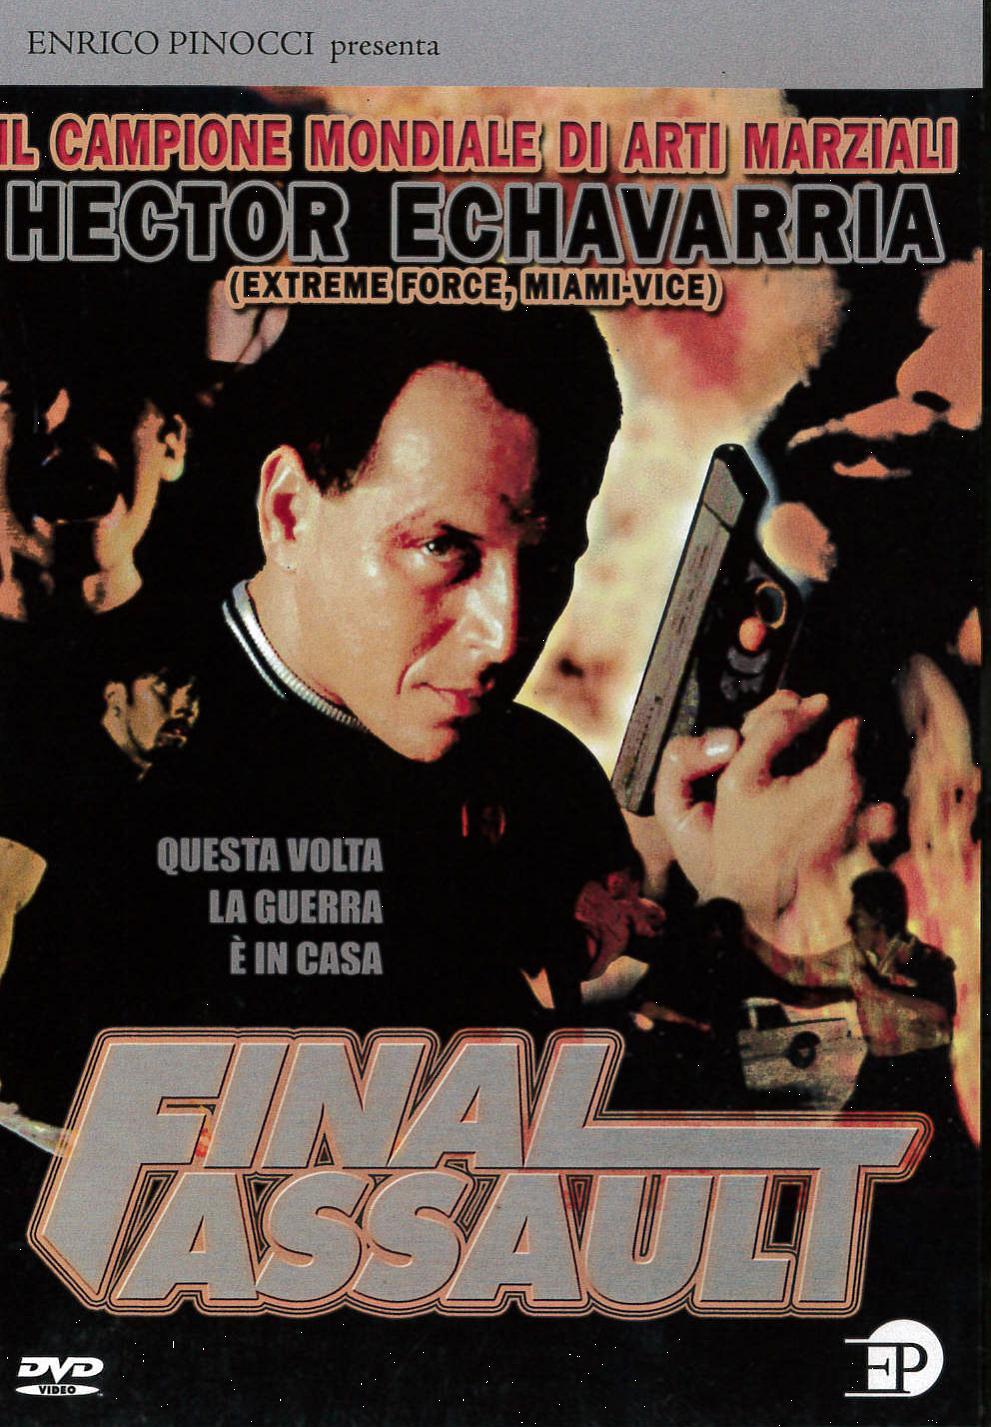 FINAL ASSAULT (DVD)